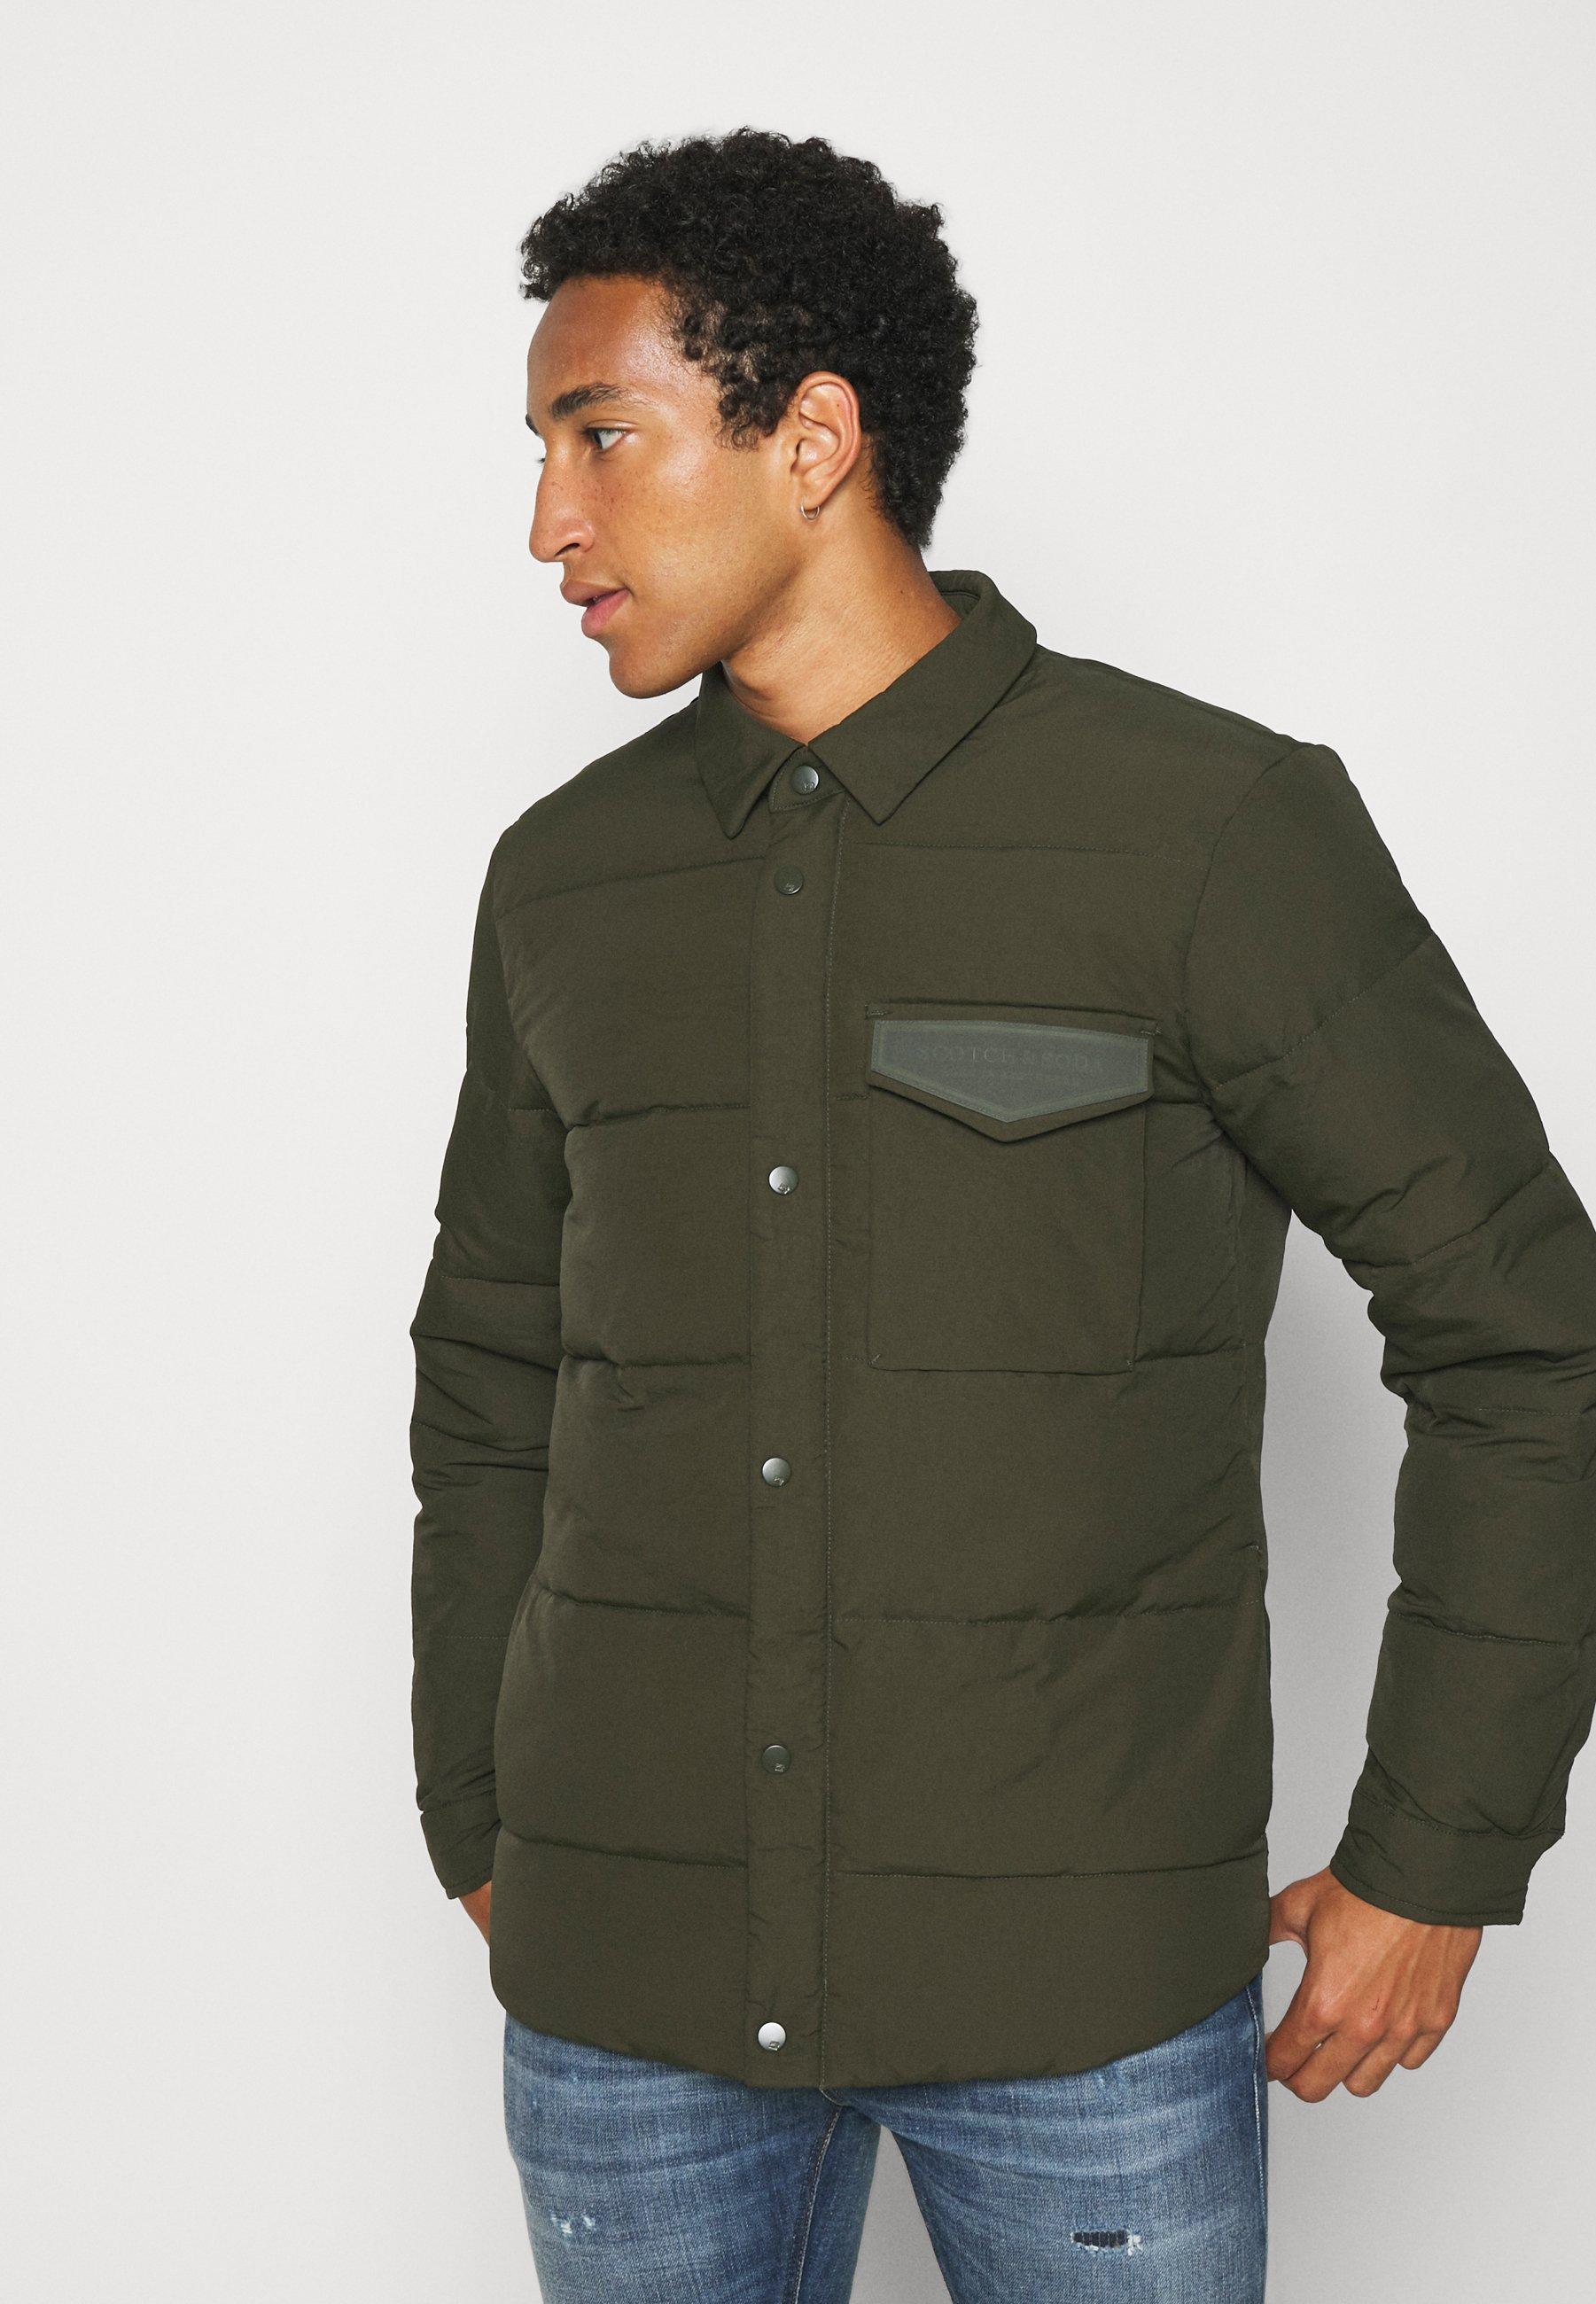 Men JACKET WITH FILLING - Light jacket